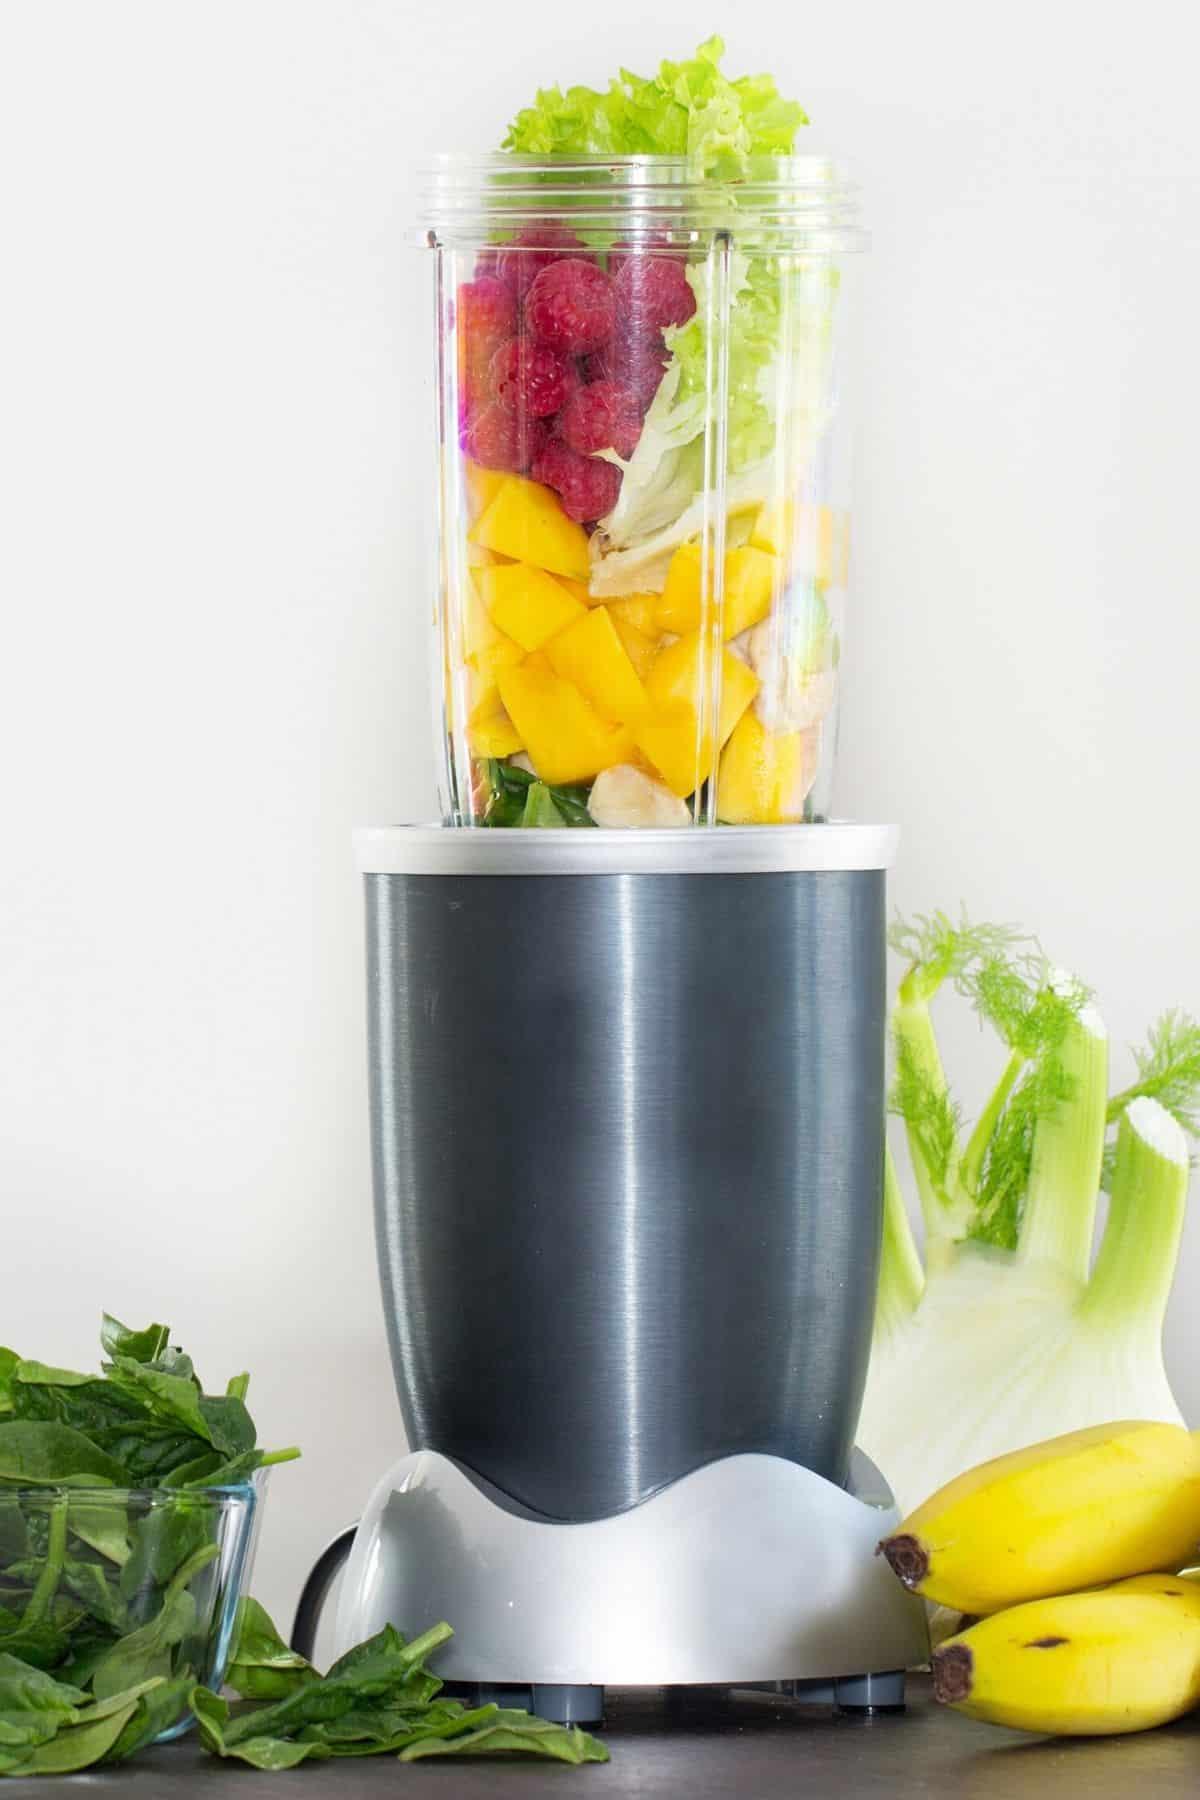 single serve blender filled with fruit